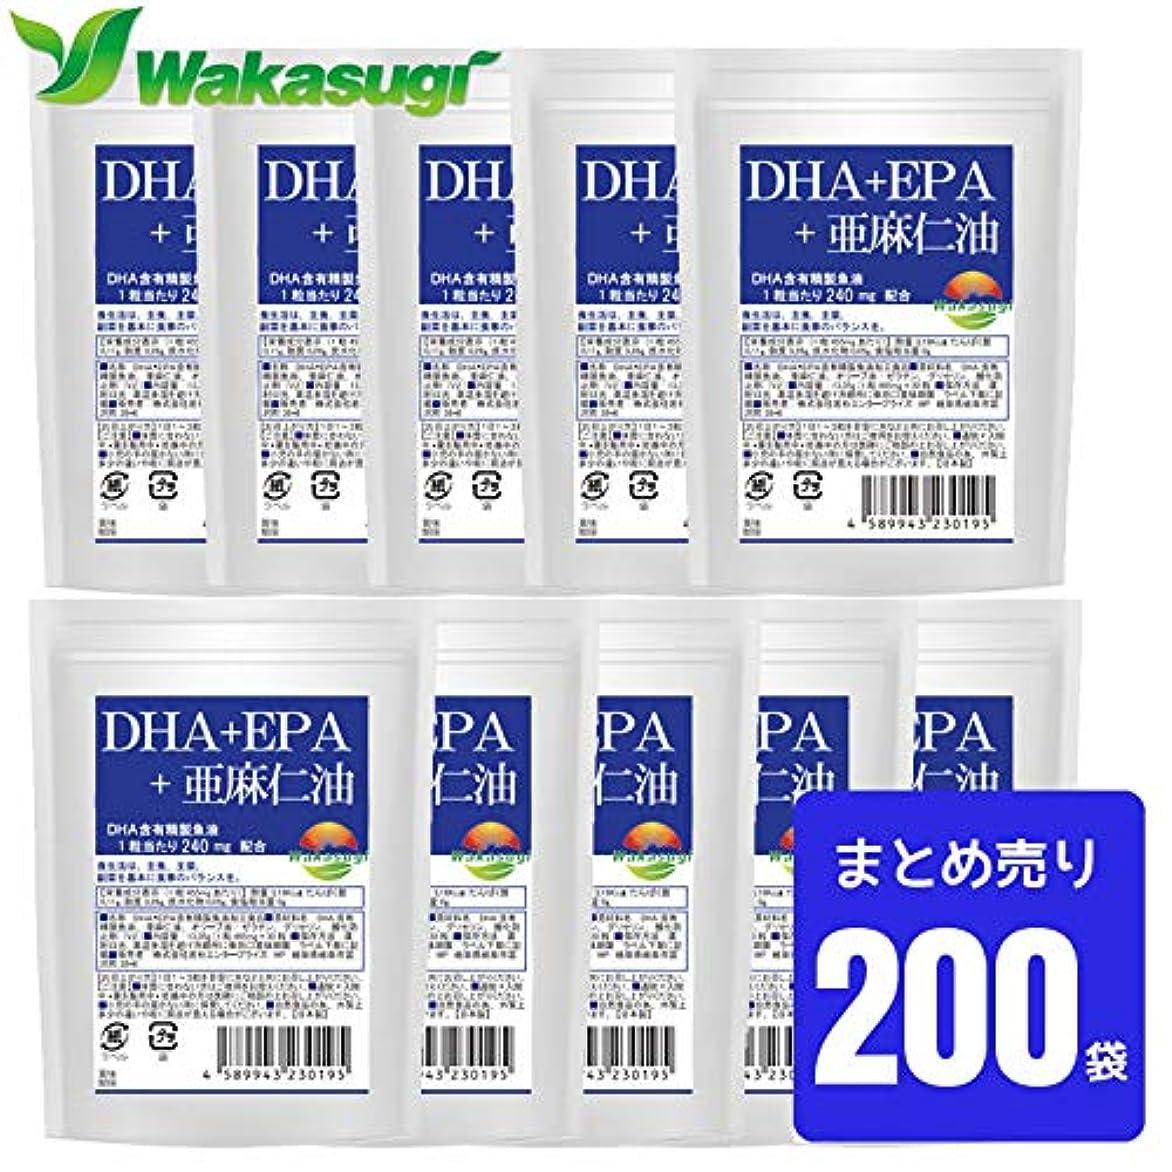 霊吸い込む結果DHA+EPA+亜麻仁油 ソフトカプセル30粒 200袋 合計6,000粒 まとめ売り